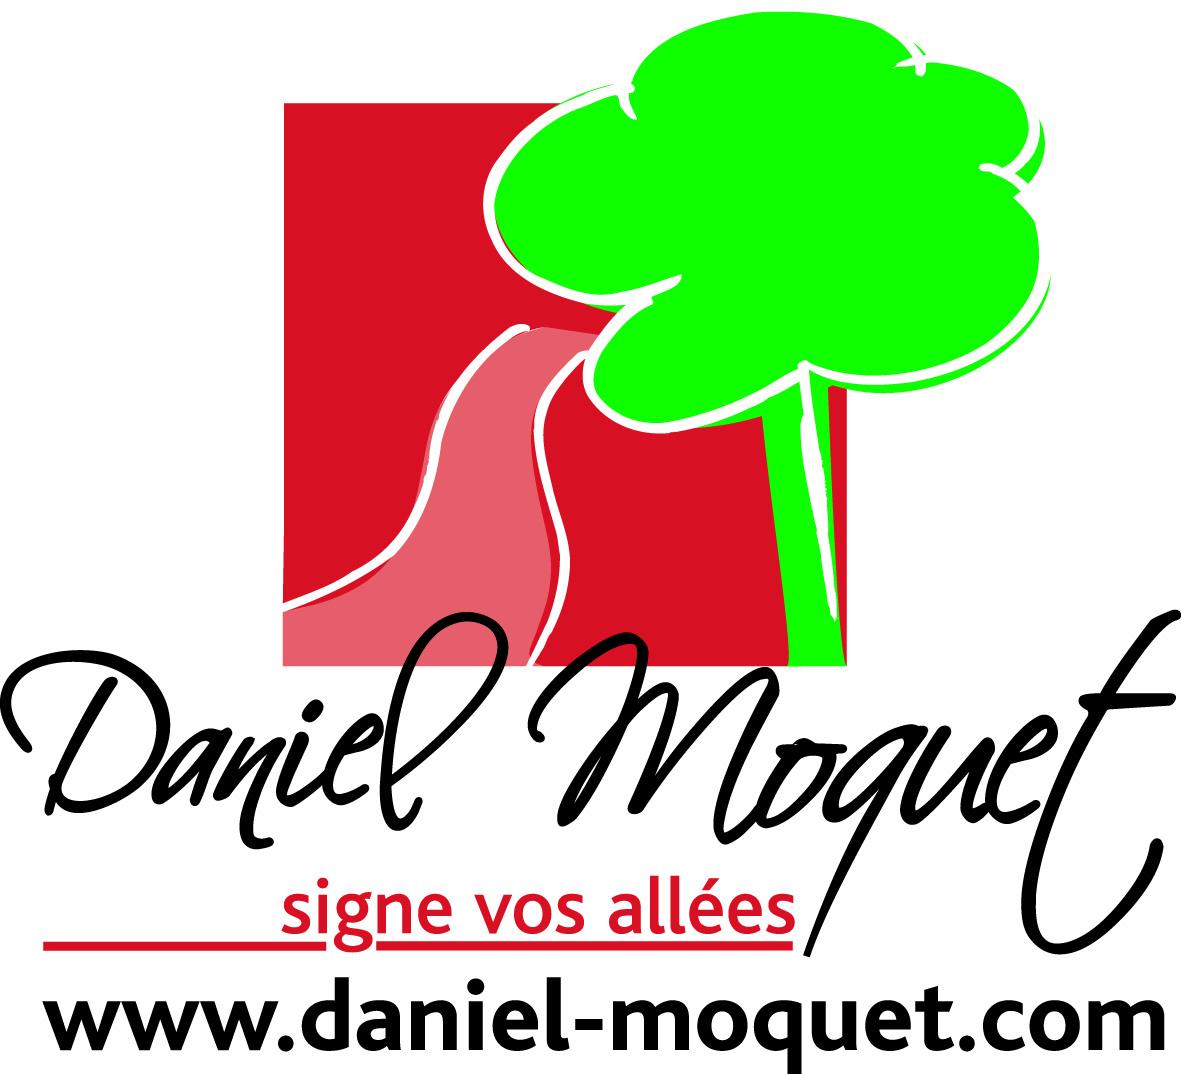 Daniel Moquet signe vos allées - Ent. Garrigou